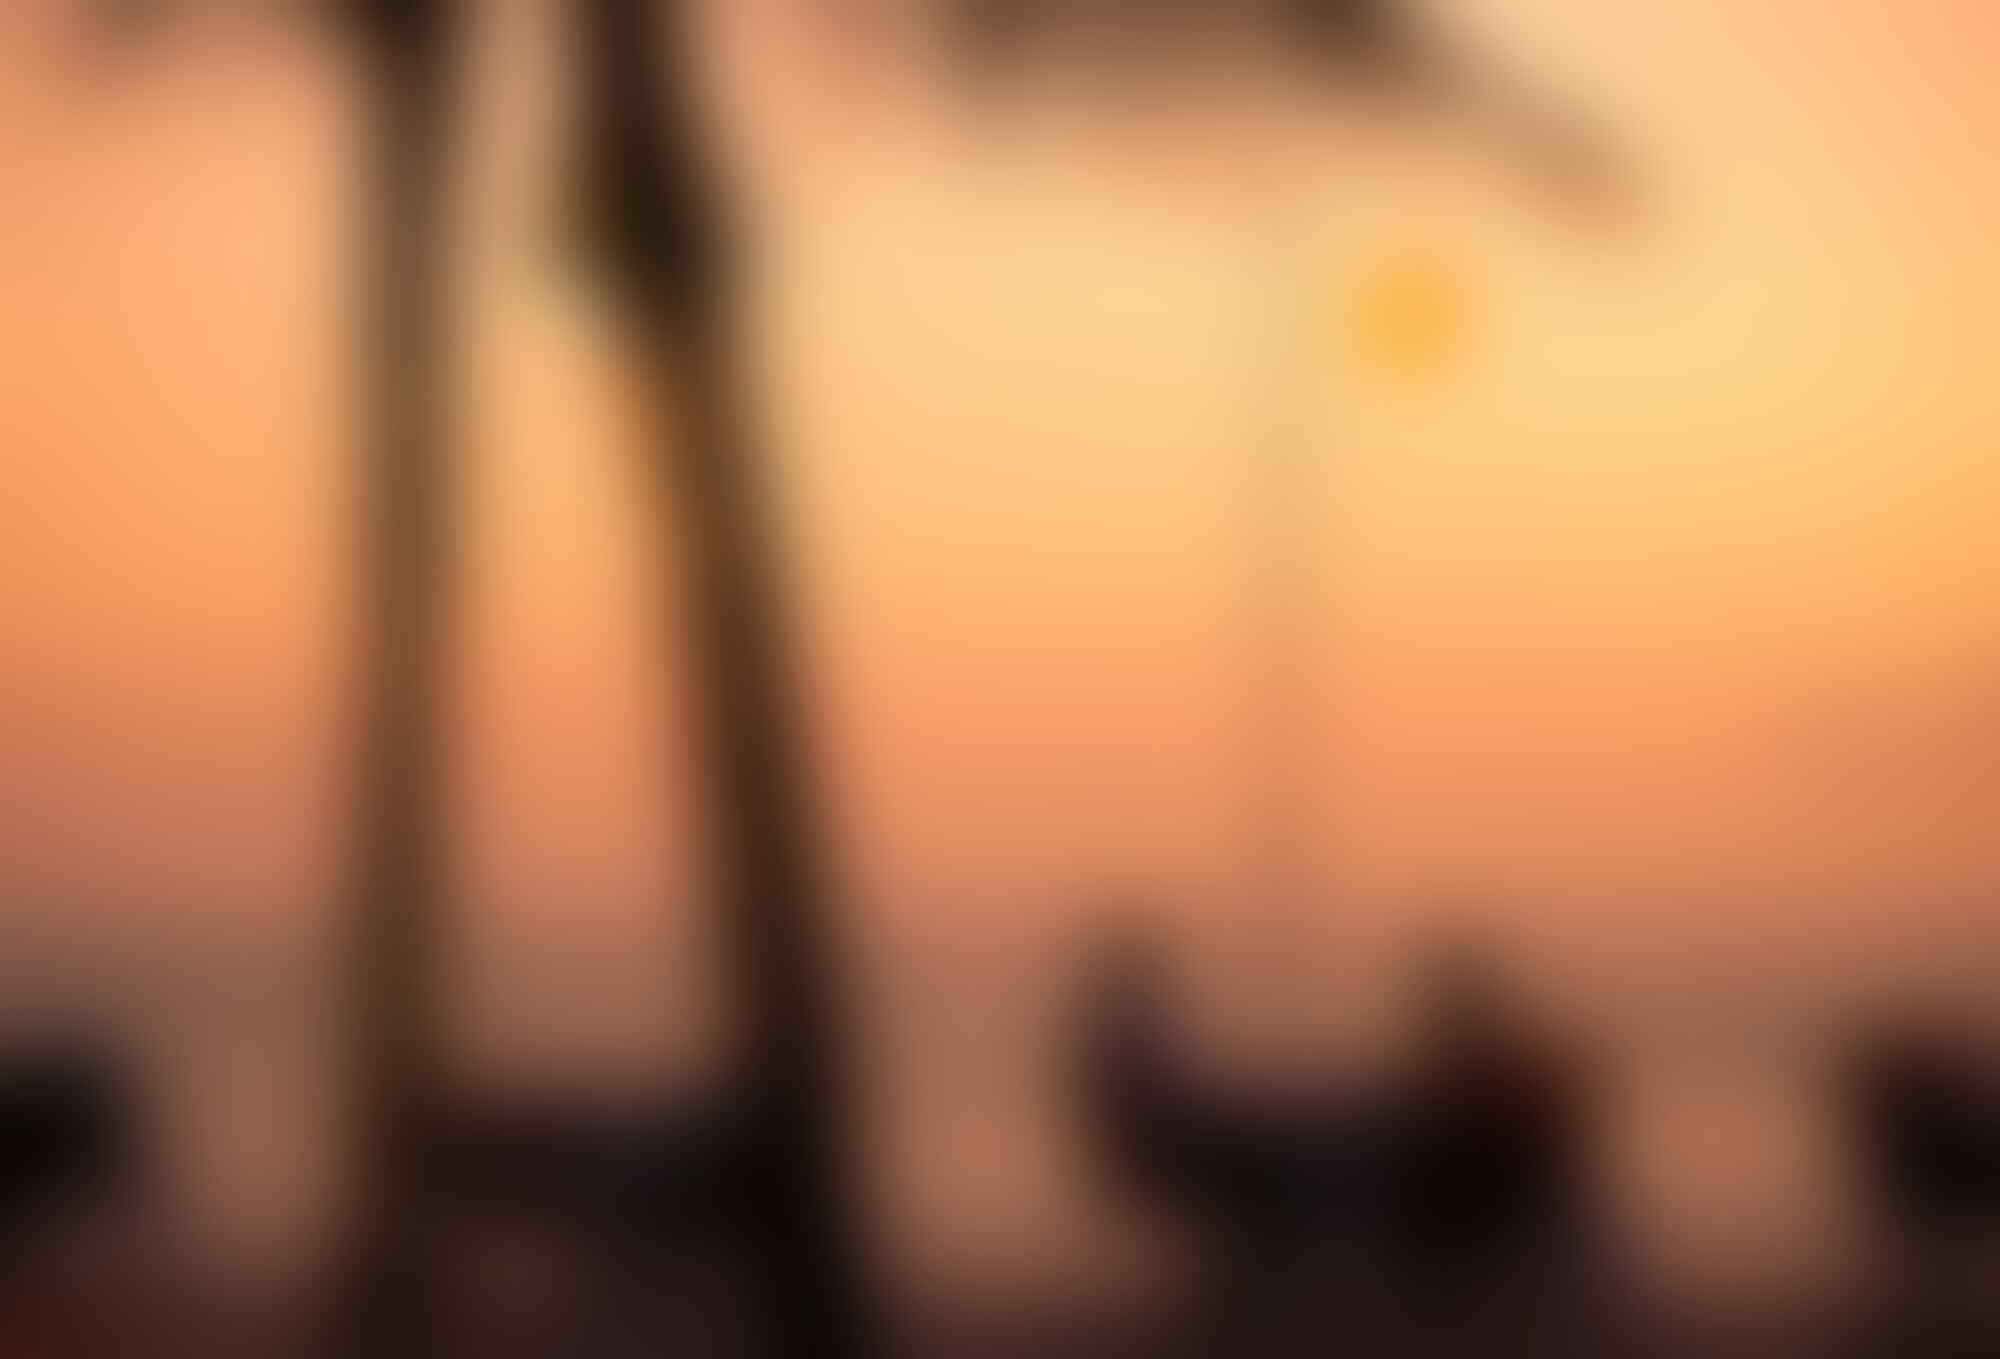 5 Penginapan di Seminyak, Bali ini Tawarkan Fasilitas Private Beach